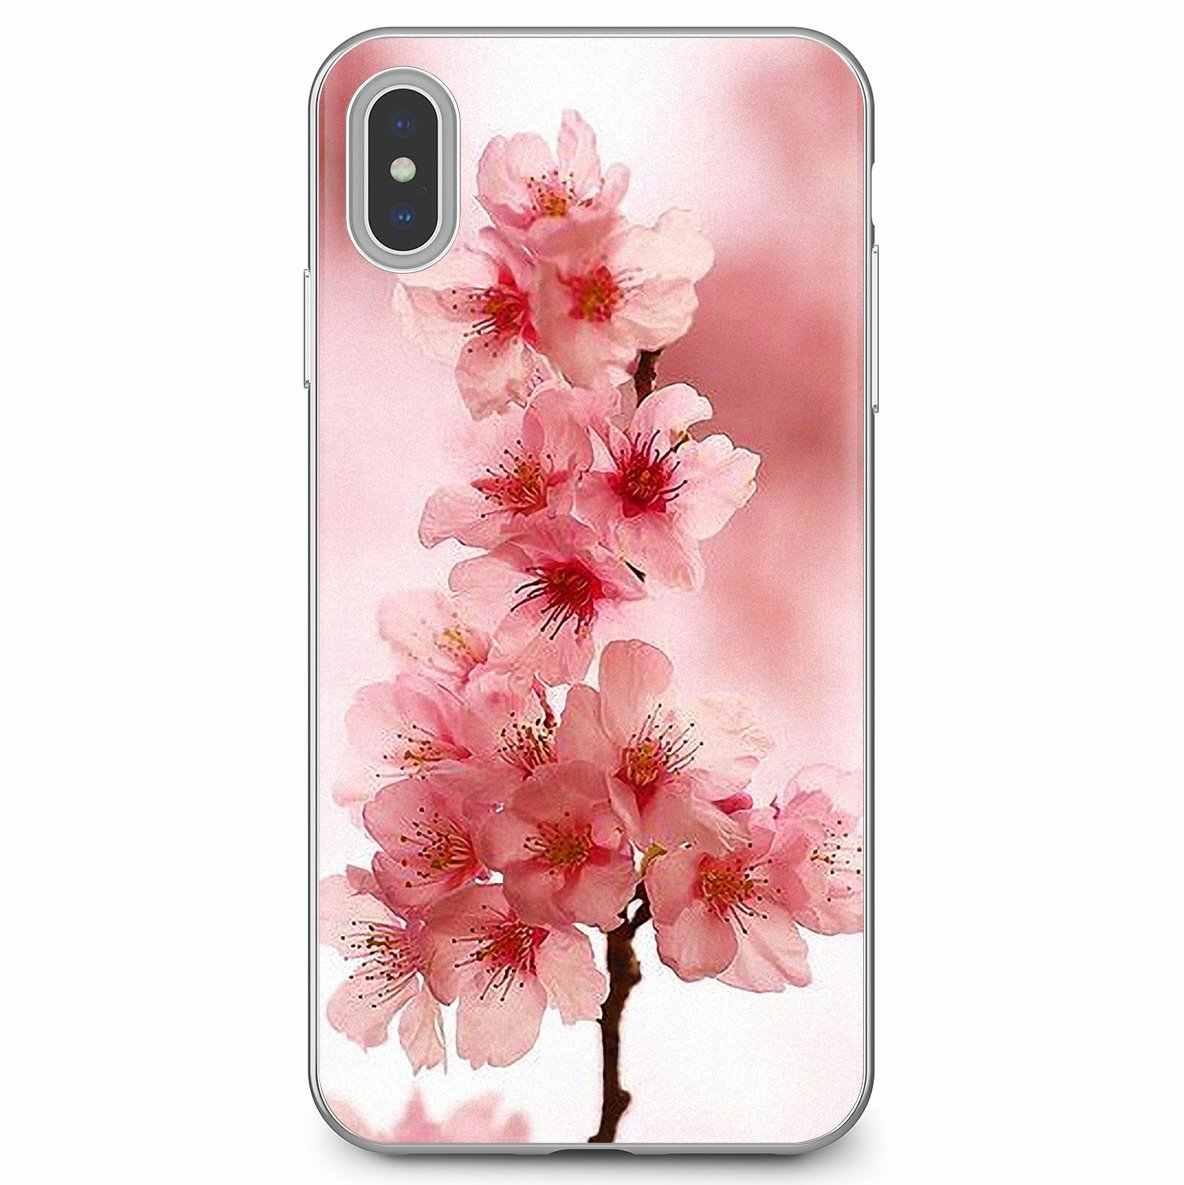 Blume sakura kirschblüten Rosa Weiche Silikon Fall Für ZTE Blade A910 A610 A530 A510 Für Oneplus One plus 3T 5T 6T 6 7 7T Pro